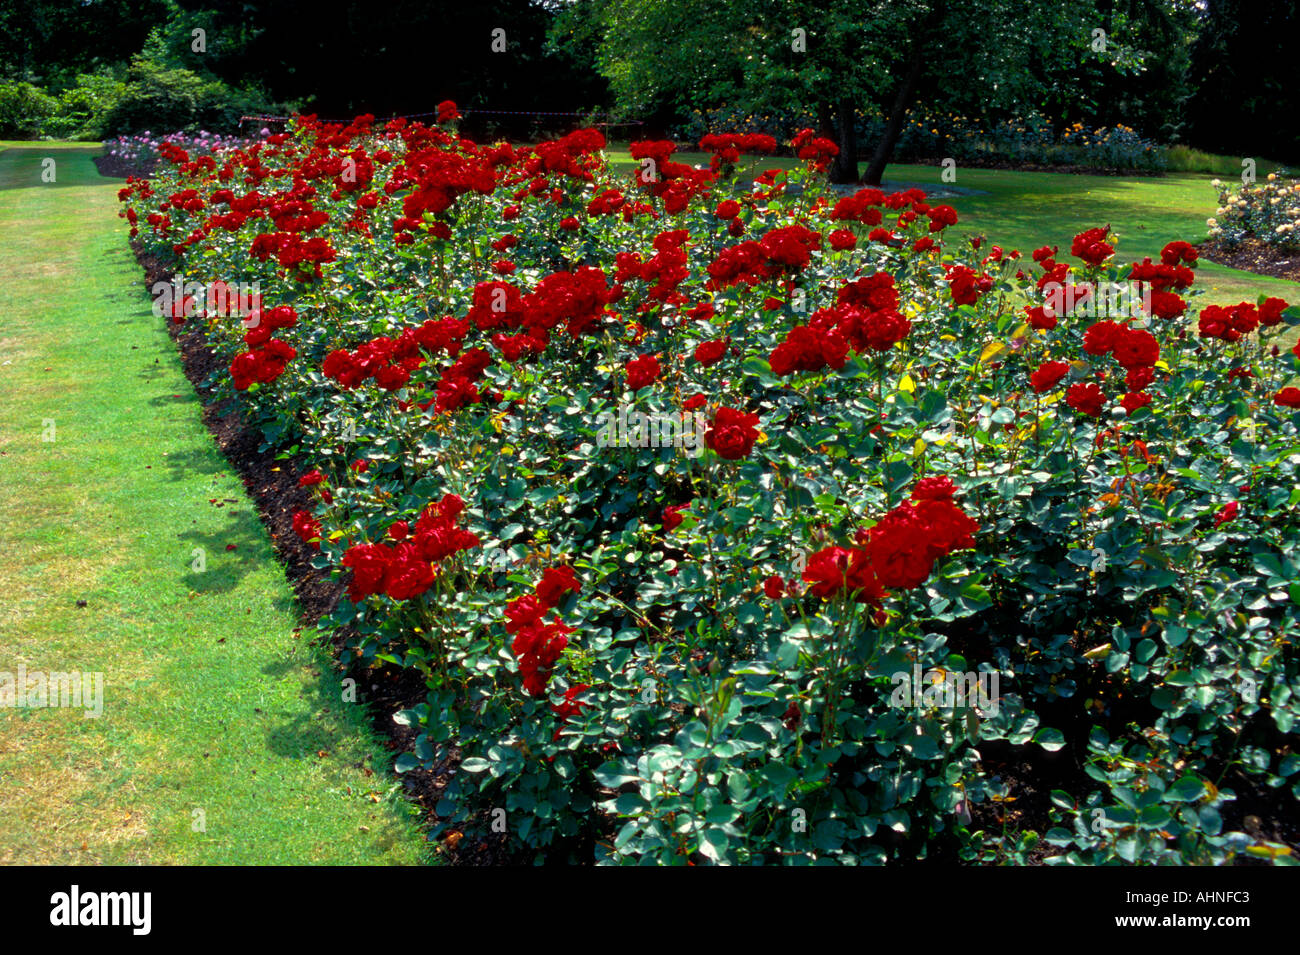 Rosa Lili Marlene - Stock Image